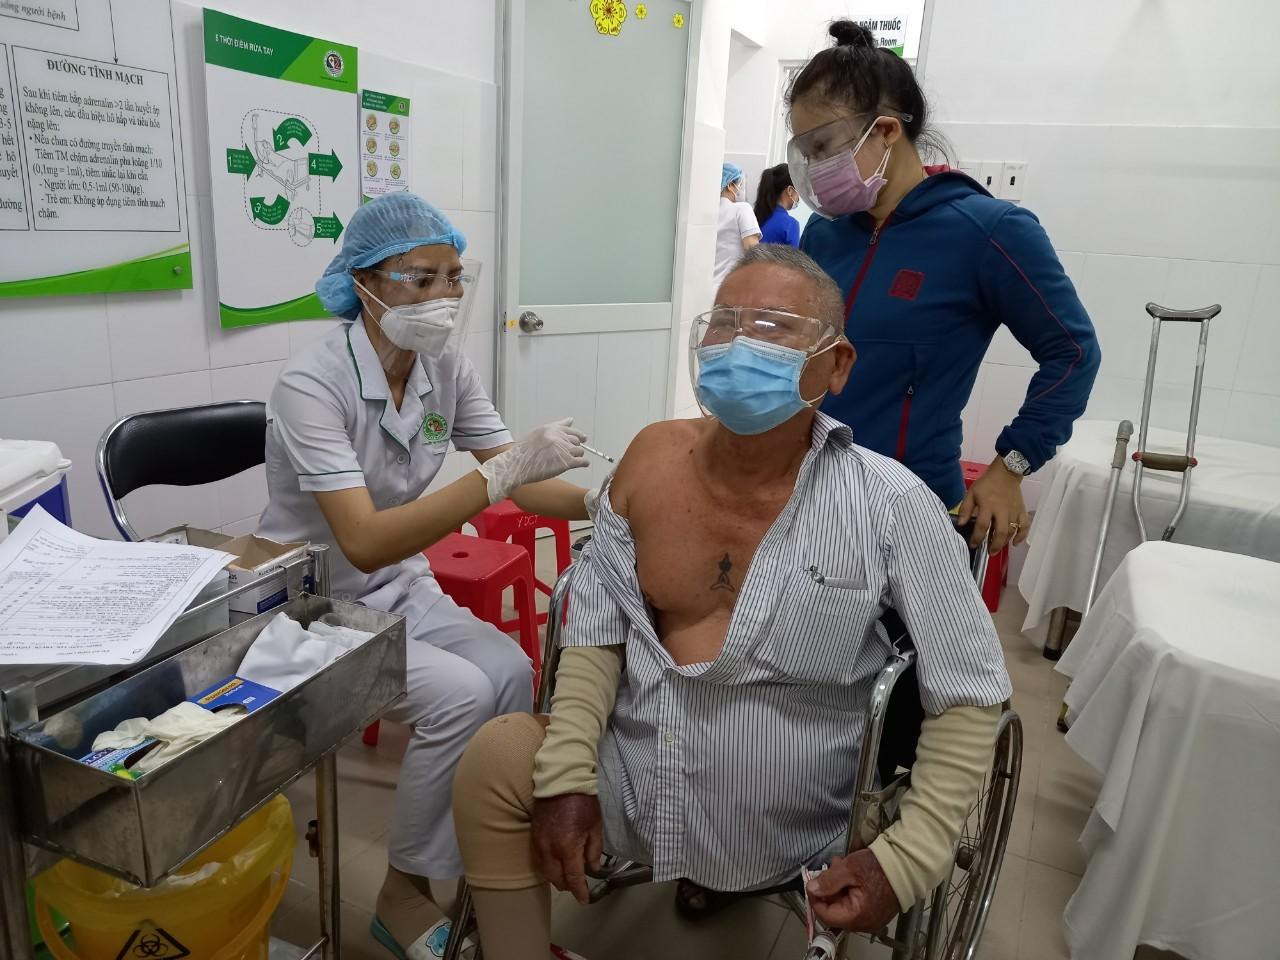 Bộ Y tế đề nghị TP.HCM ưu tiên tiêm vắc xin cho lực lượng y tế tuyến đầu, người cao tuổi và những người có bệnh lý nền.